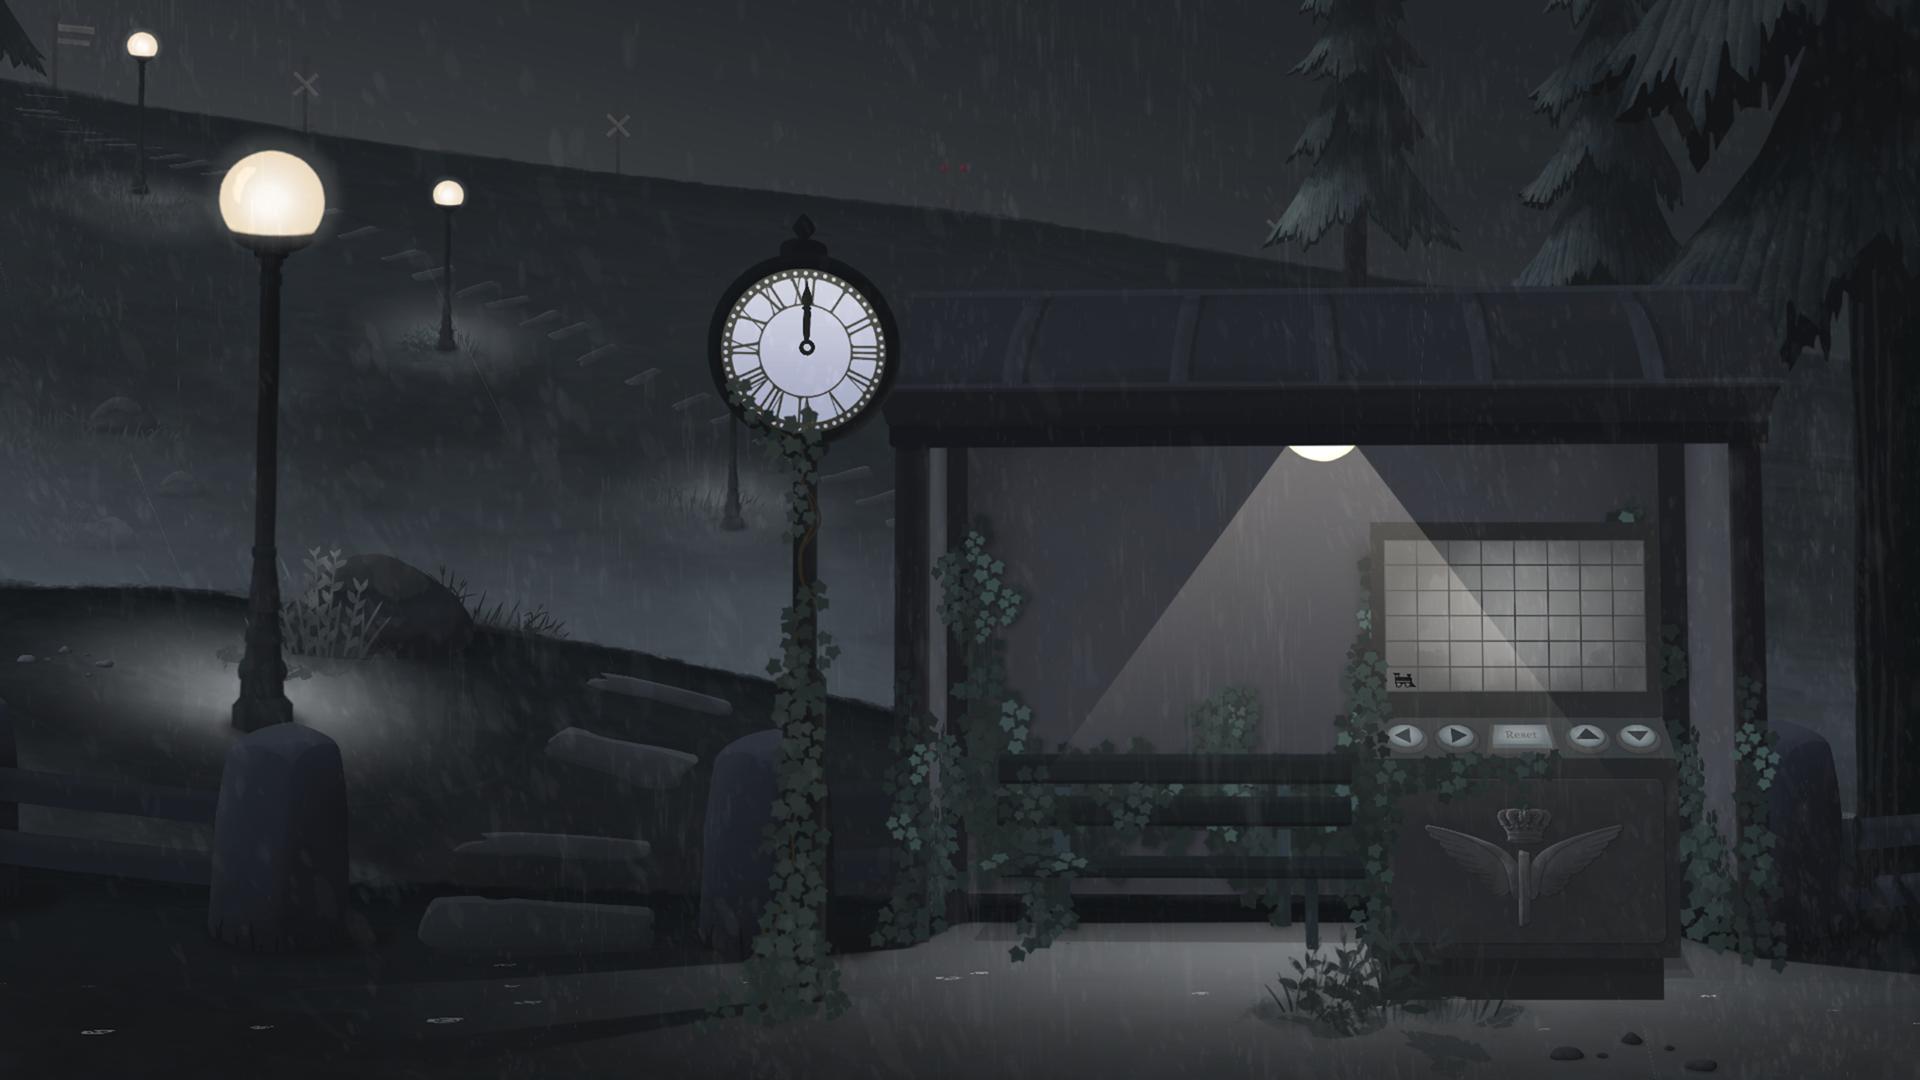 TickTock_Train-station_rain_screenshot